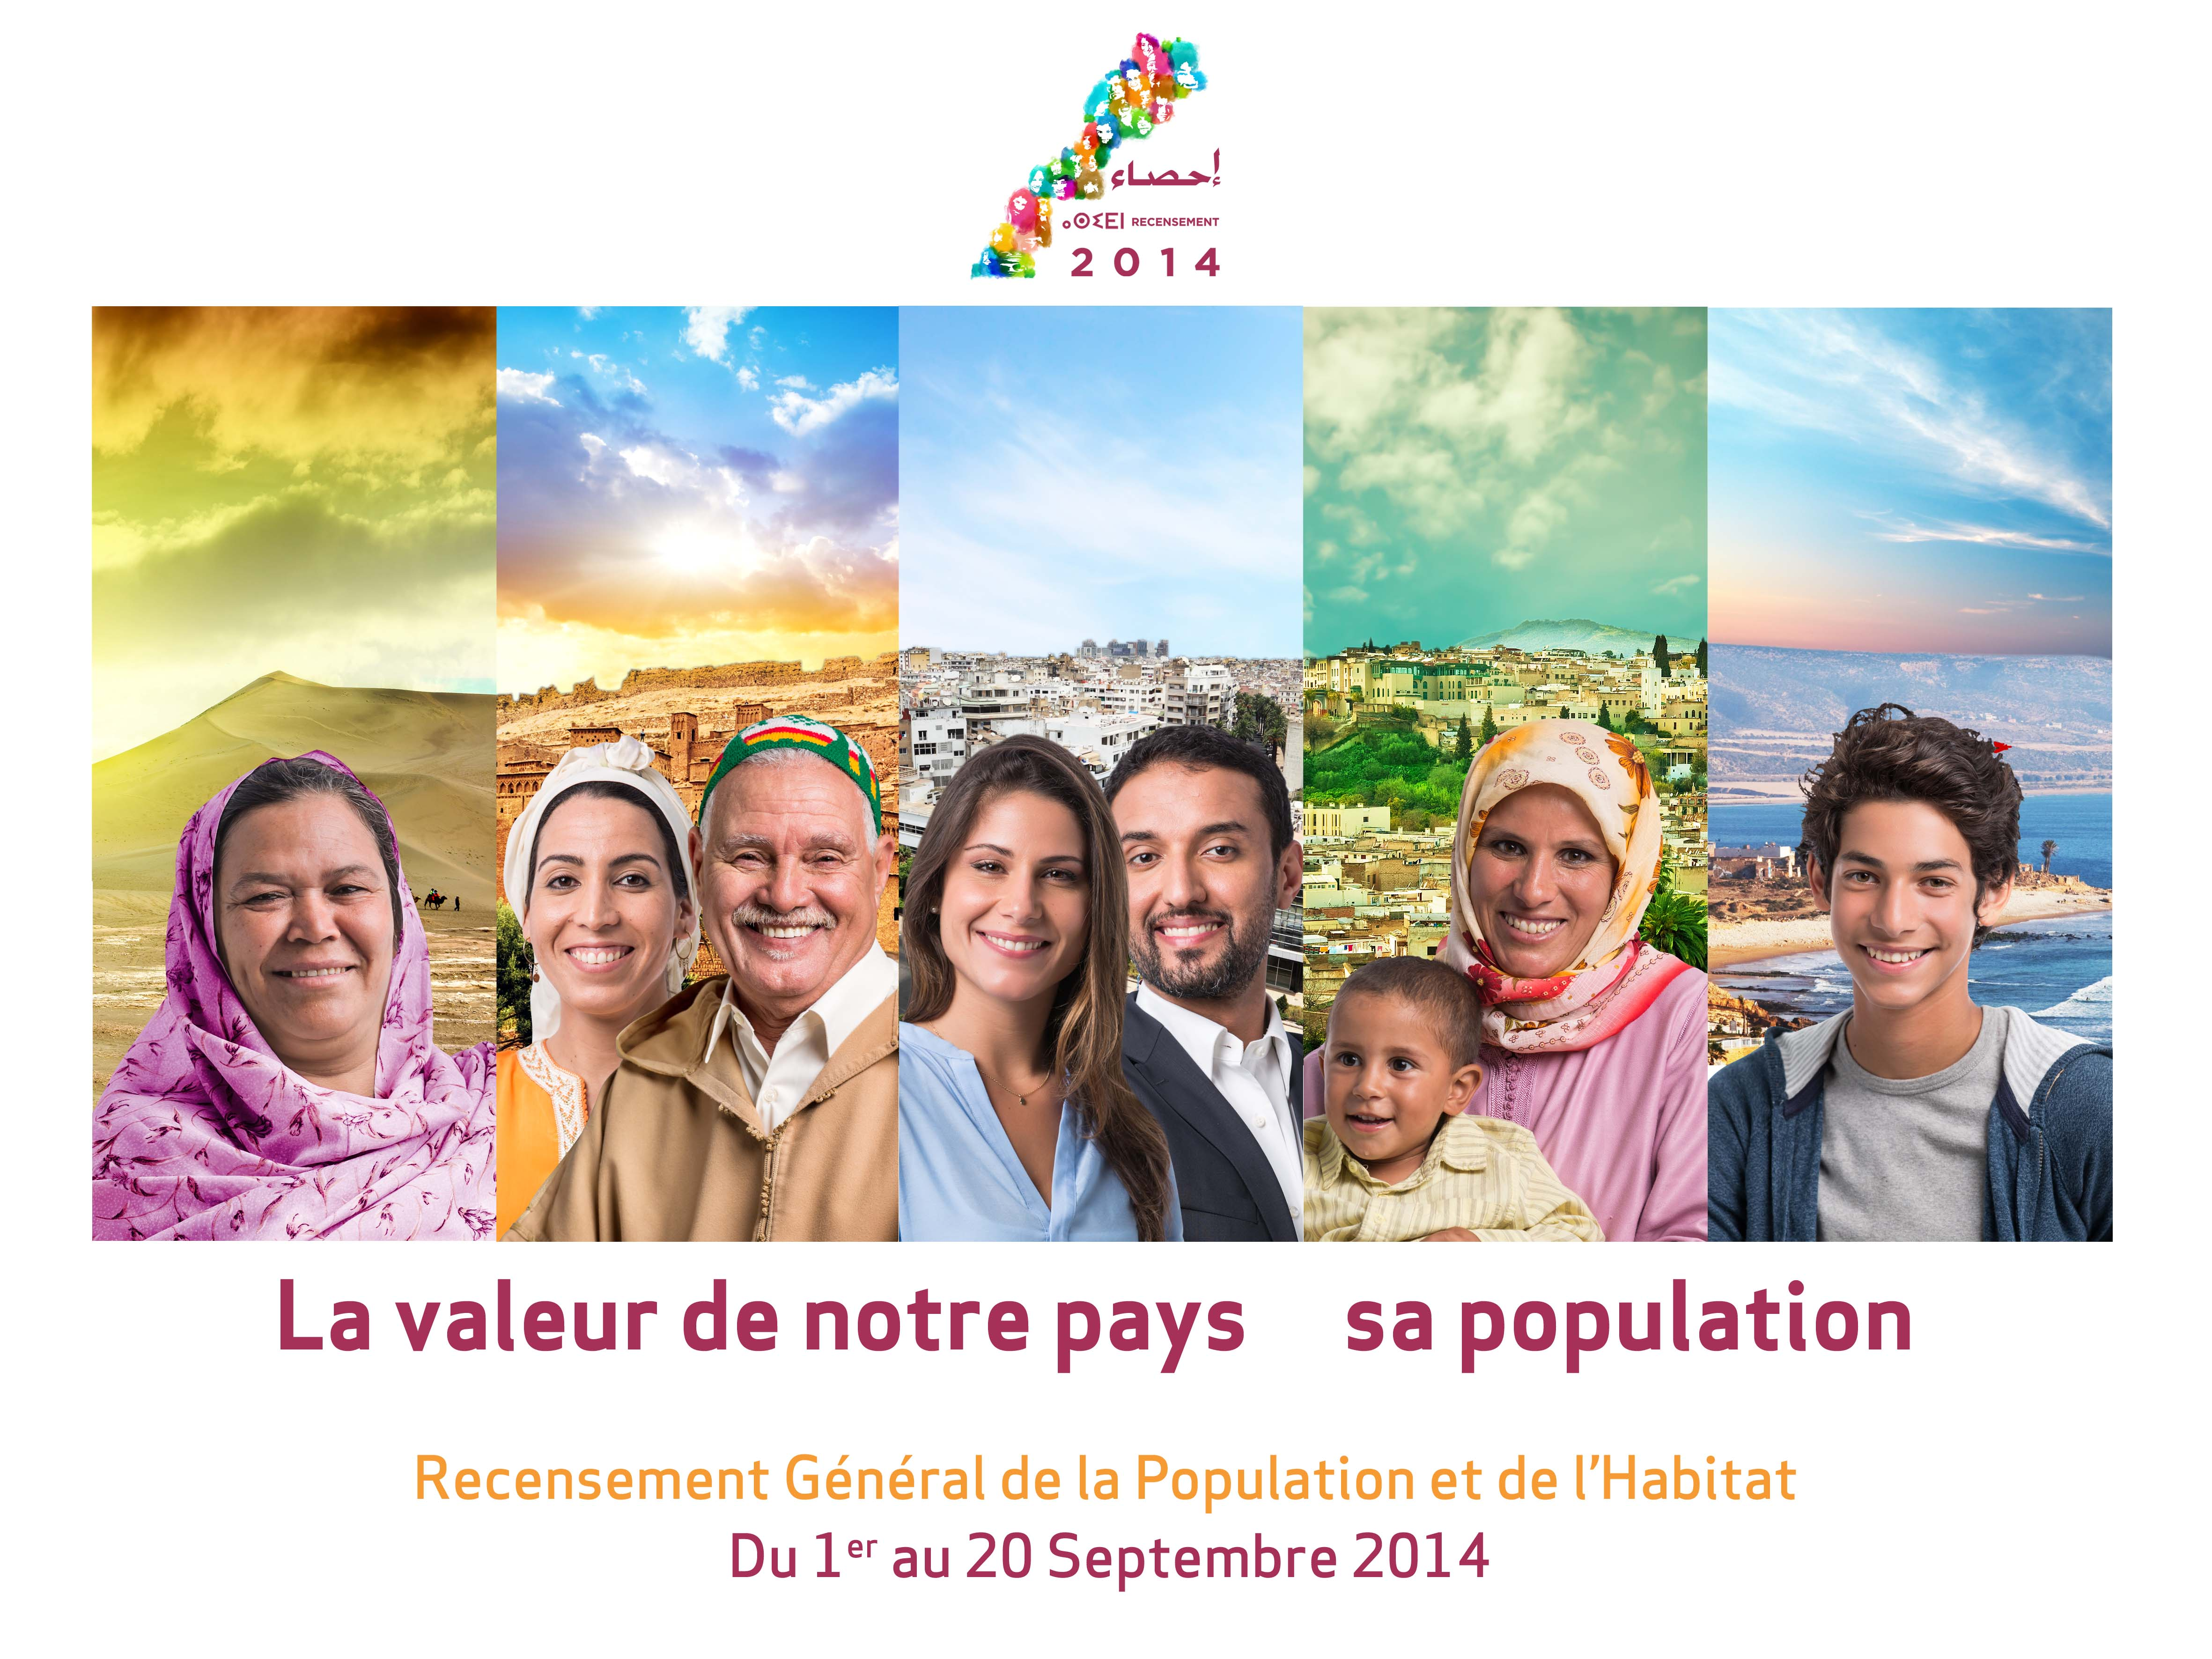 Note sur les premiers résultats du Recensement Général de la Population et  de l'Habitat 2014